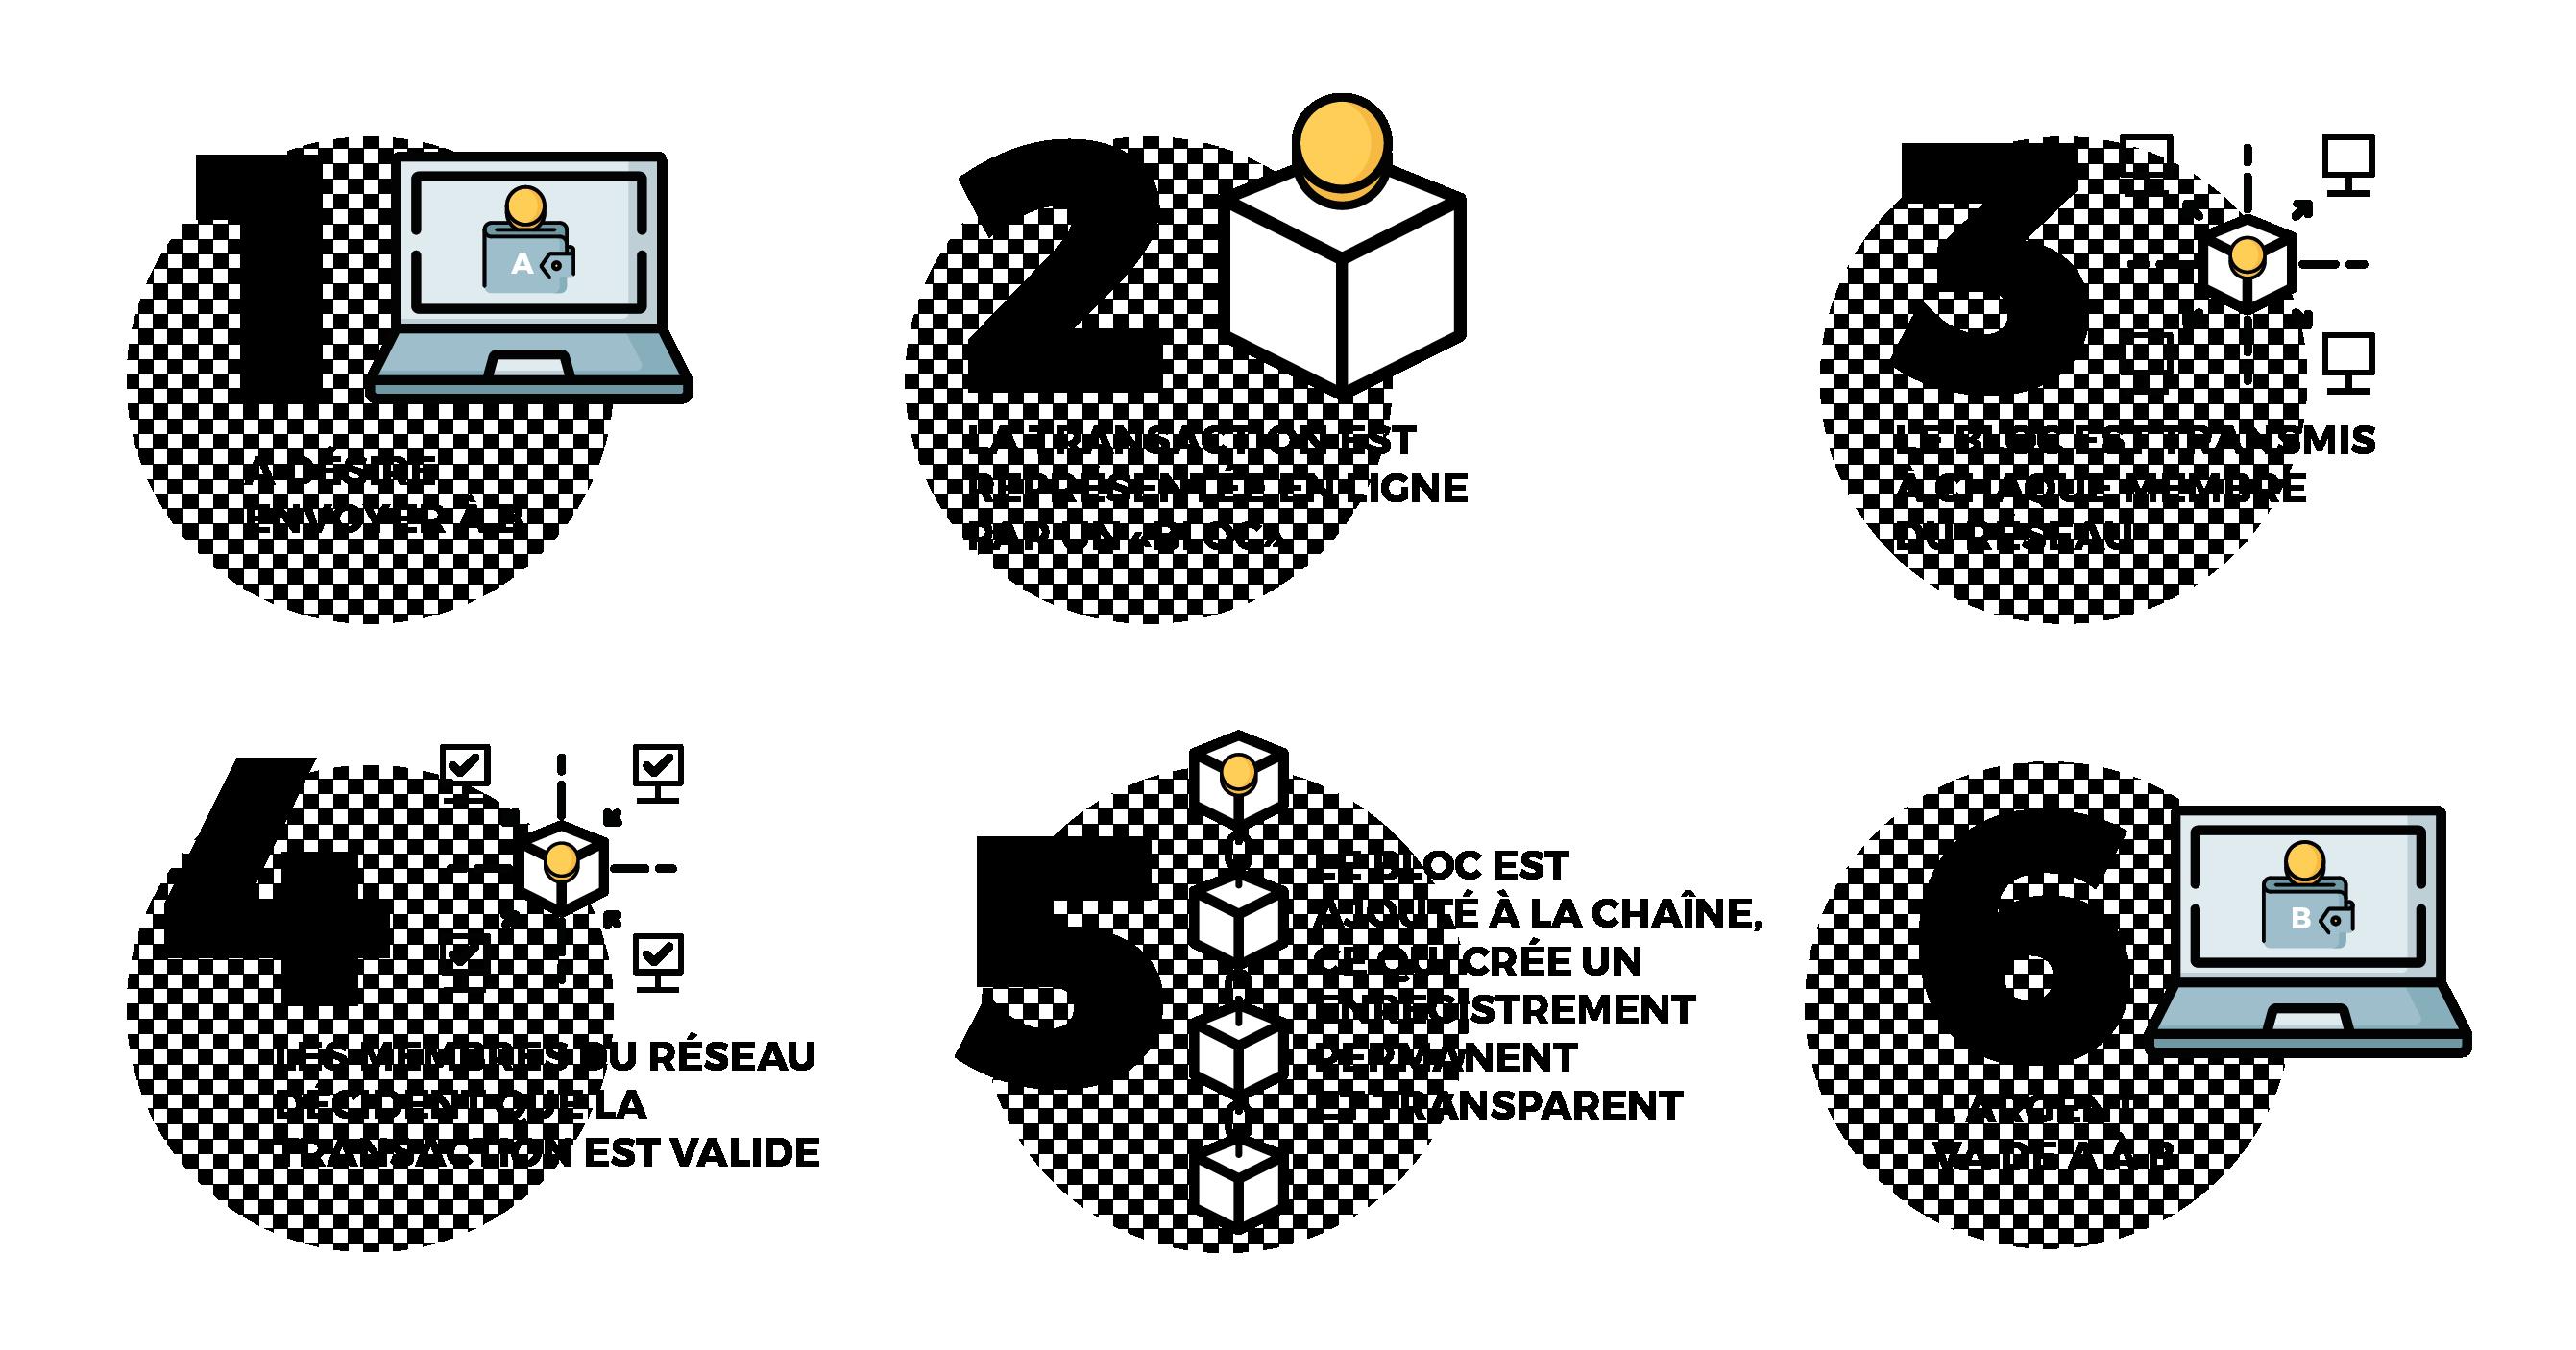 Blockchain (chaîne de blocs)